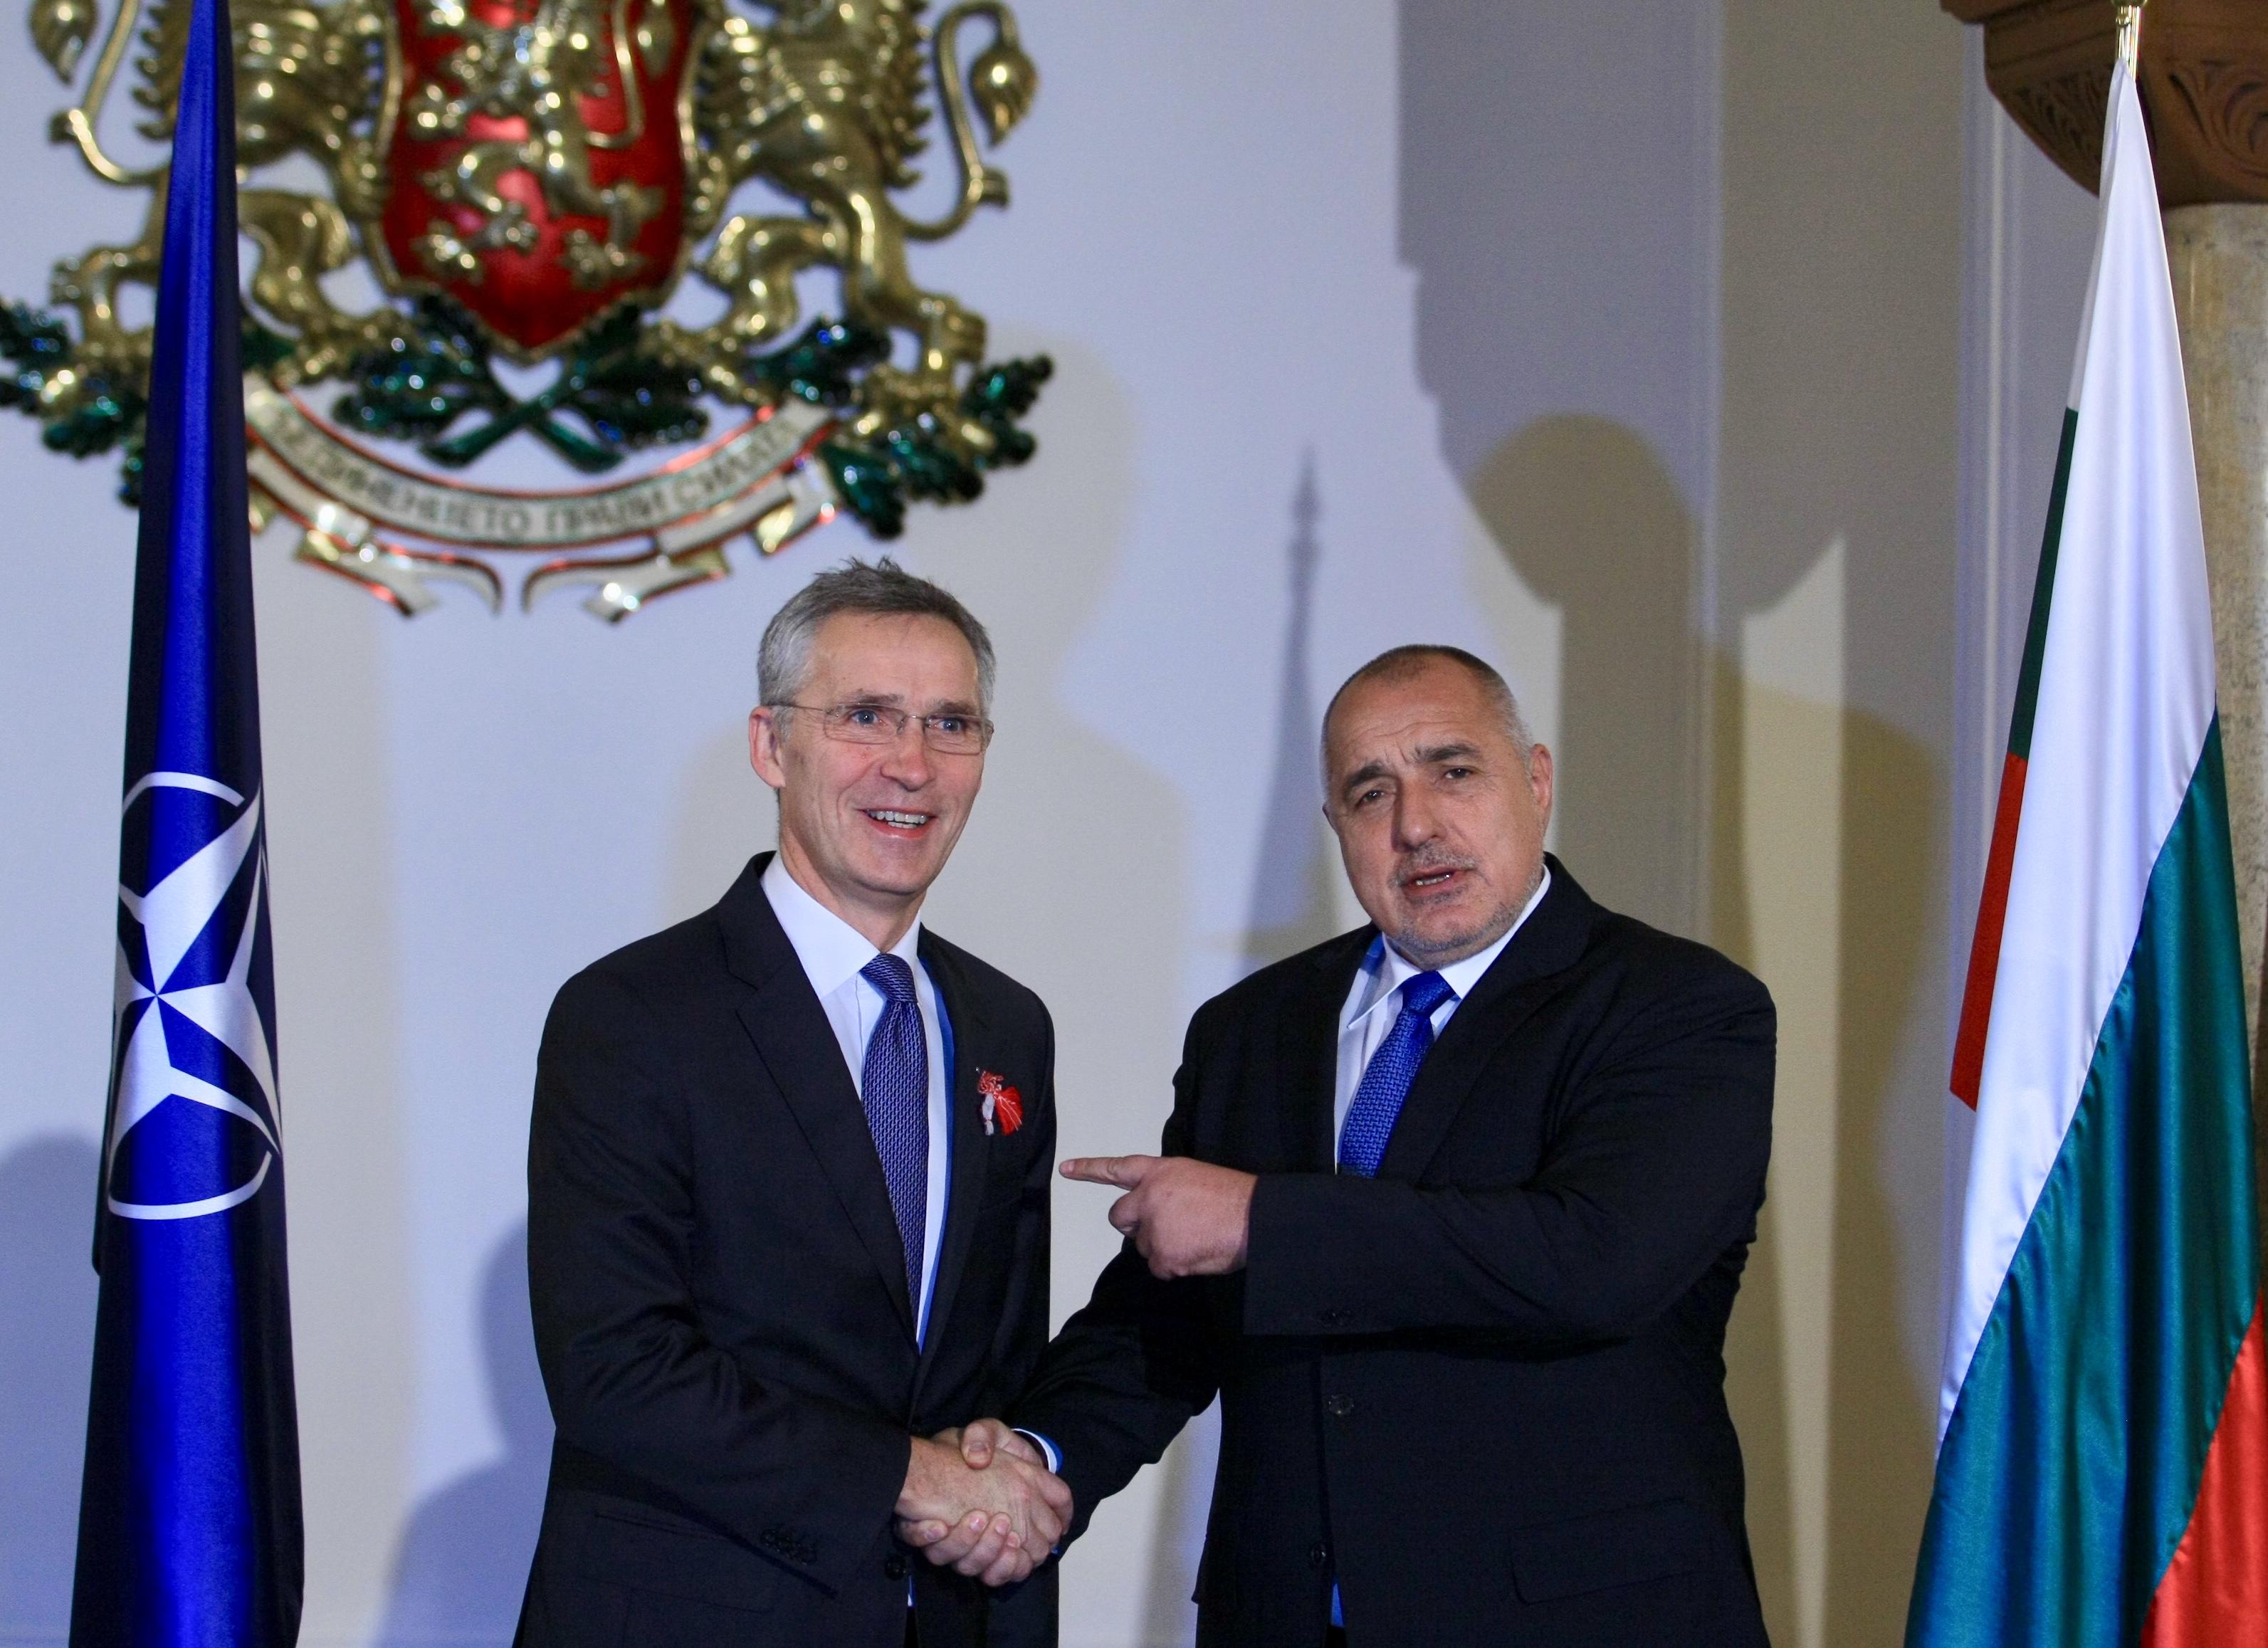 Йенс Столтенберг проведе среща с премиера Бойко Борисов и президента Румен Радев. Столтенберг бе на двудневно посещение в България по покана на българския министър-председател